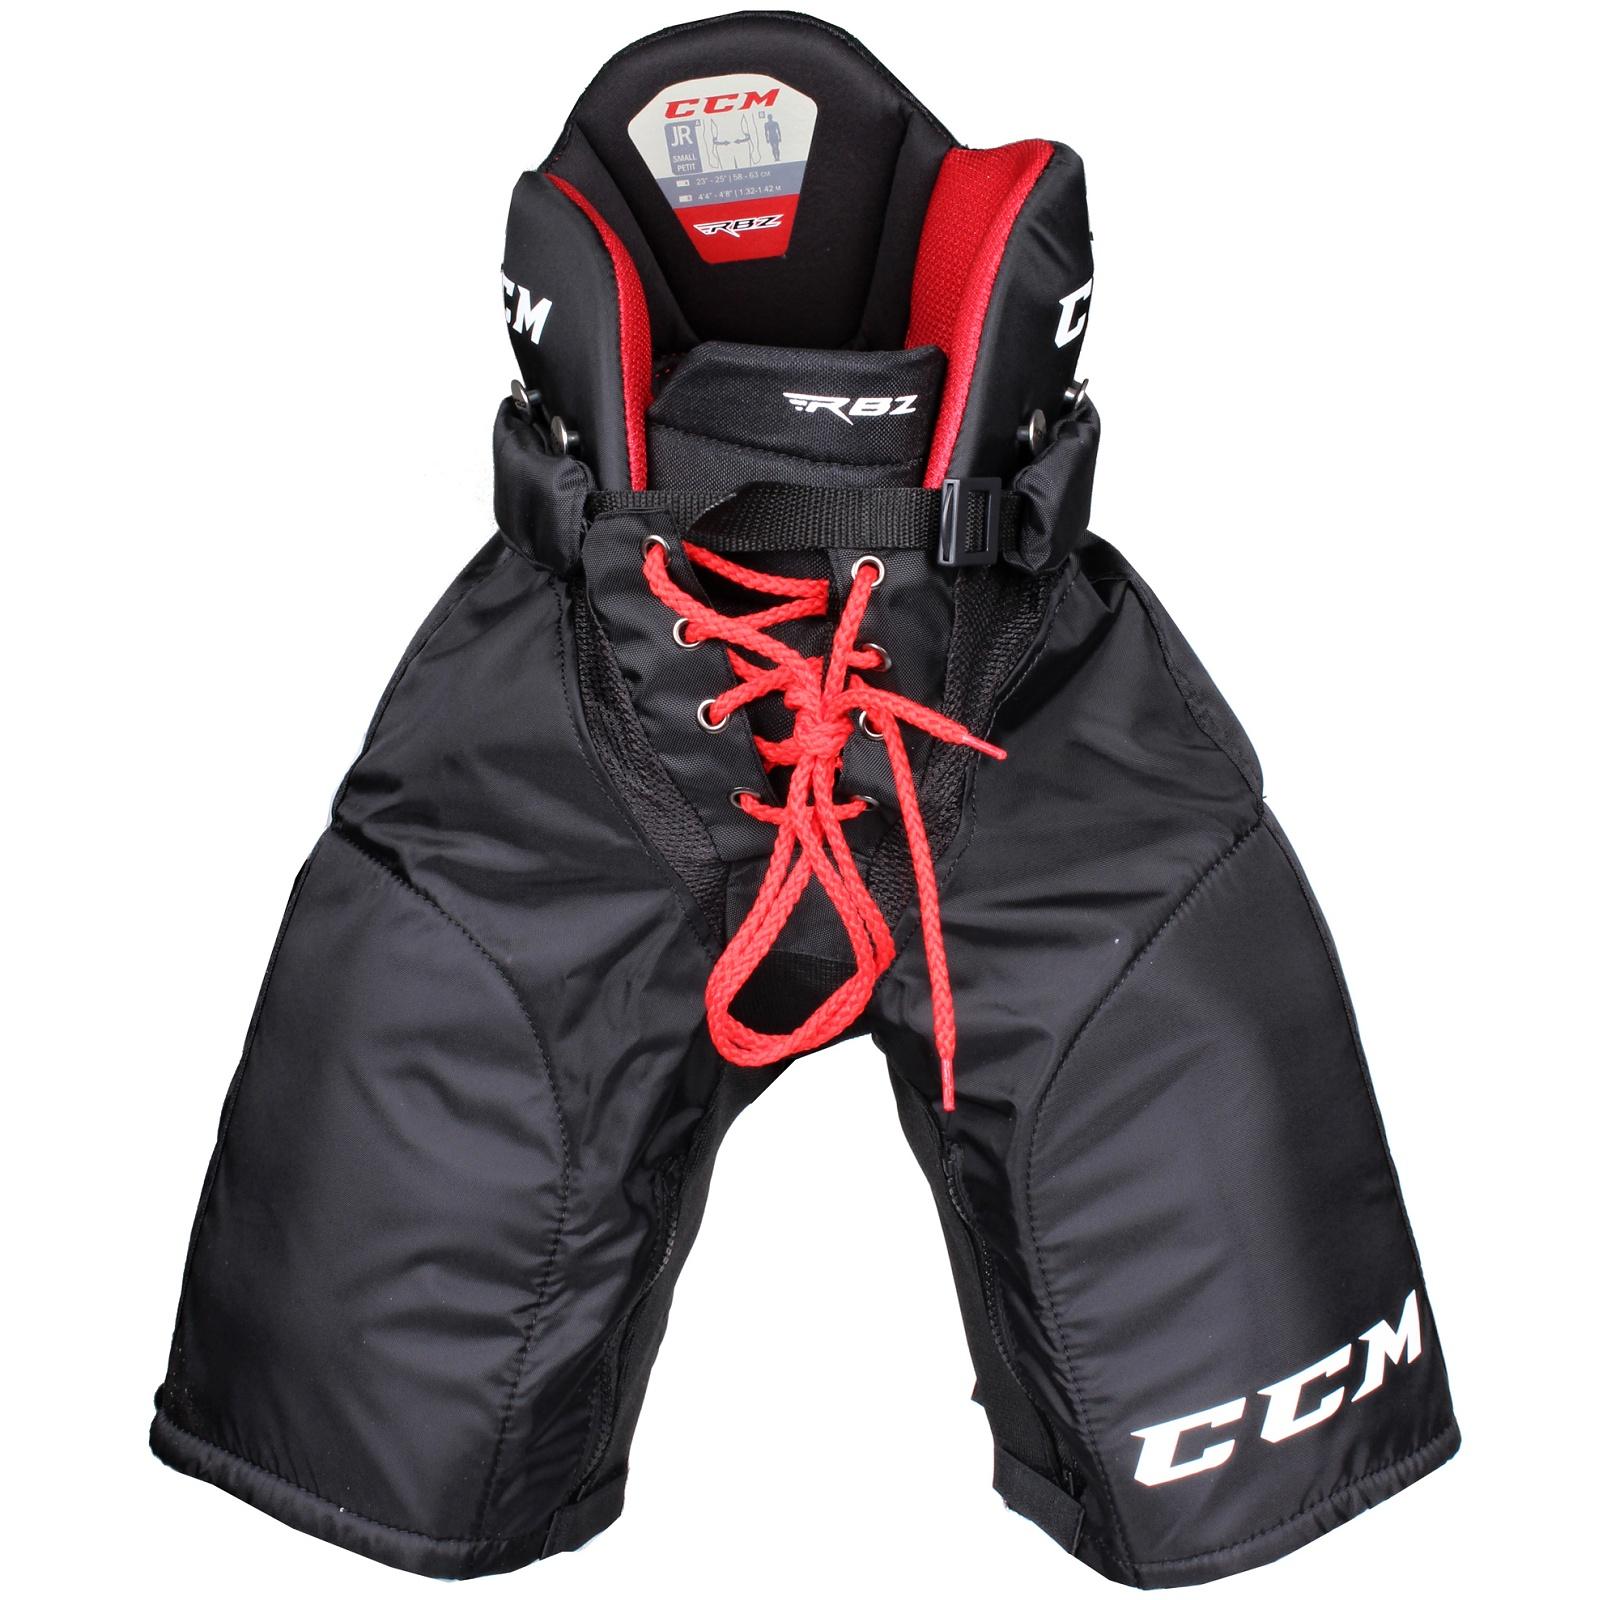 Kalhoty hráčské CCM RBZ 110 junior černé - vel. M